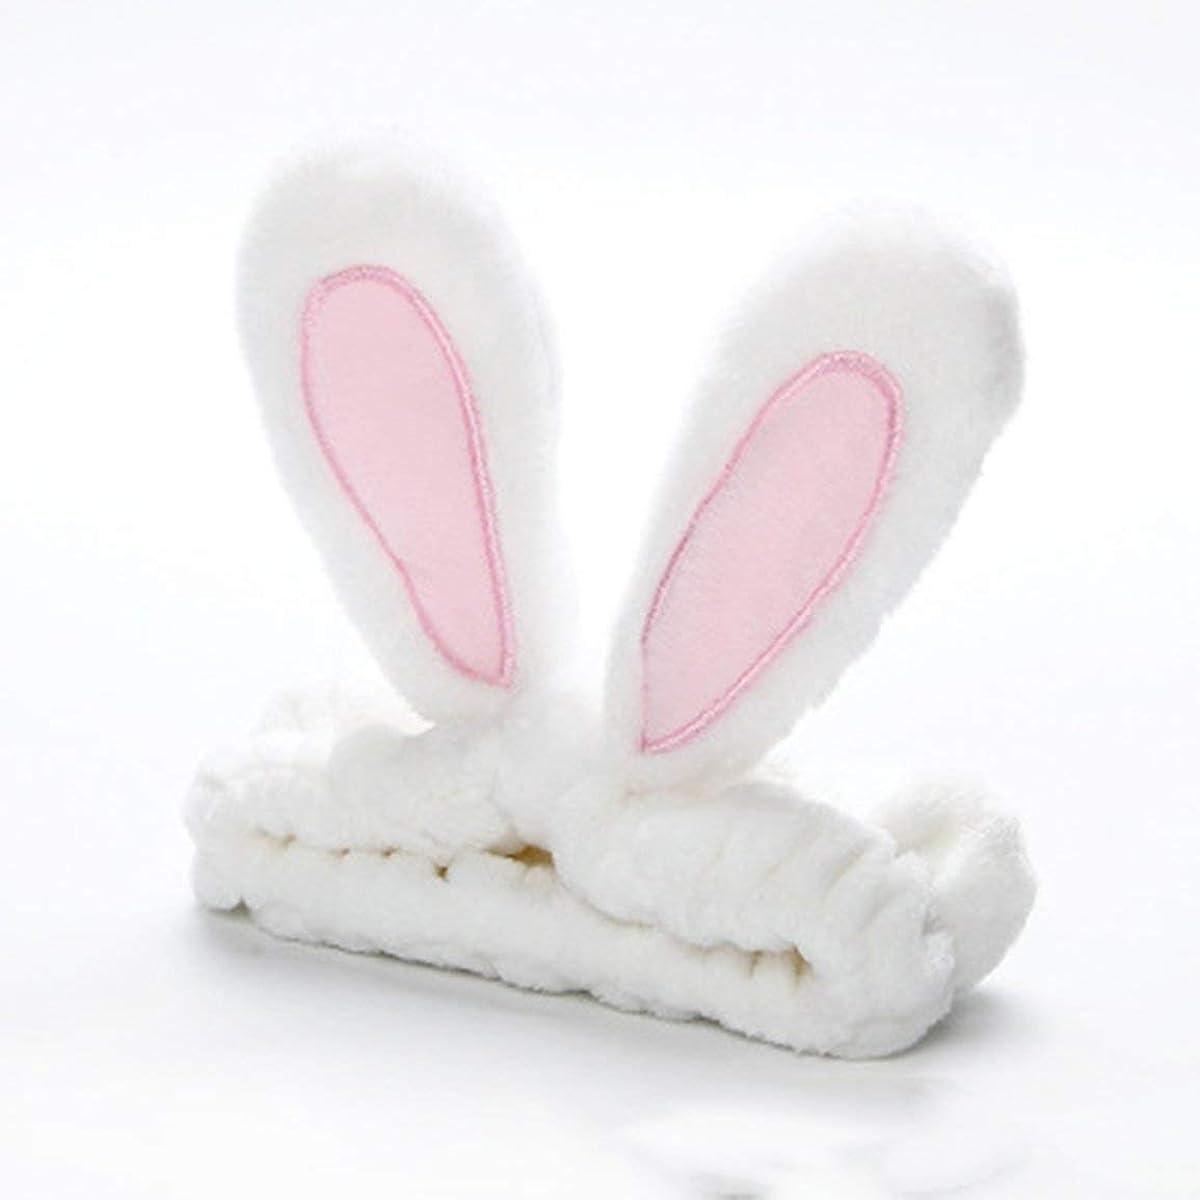 寸法適応ネブかわいいうさぎ耳帽子洗浄顔とメイクアップファッションヘッドバンド - ホワイト